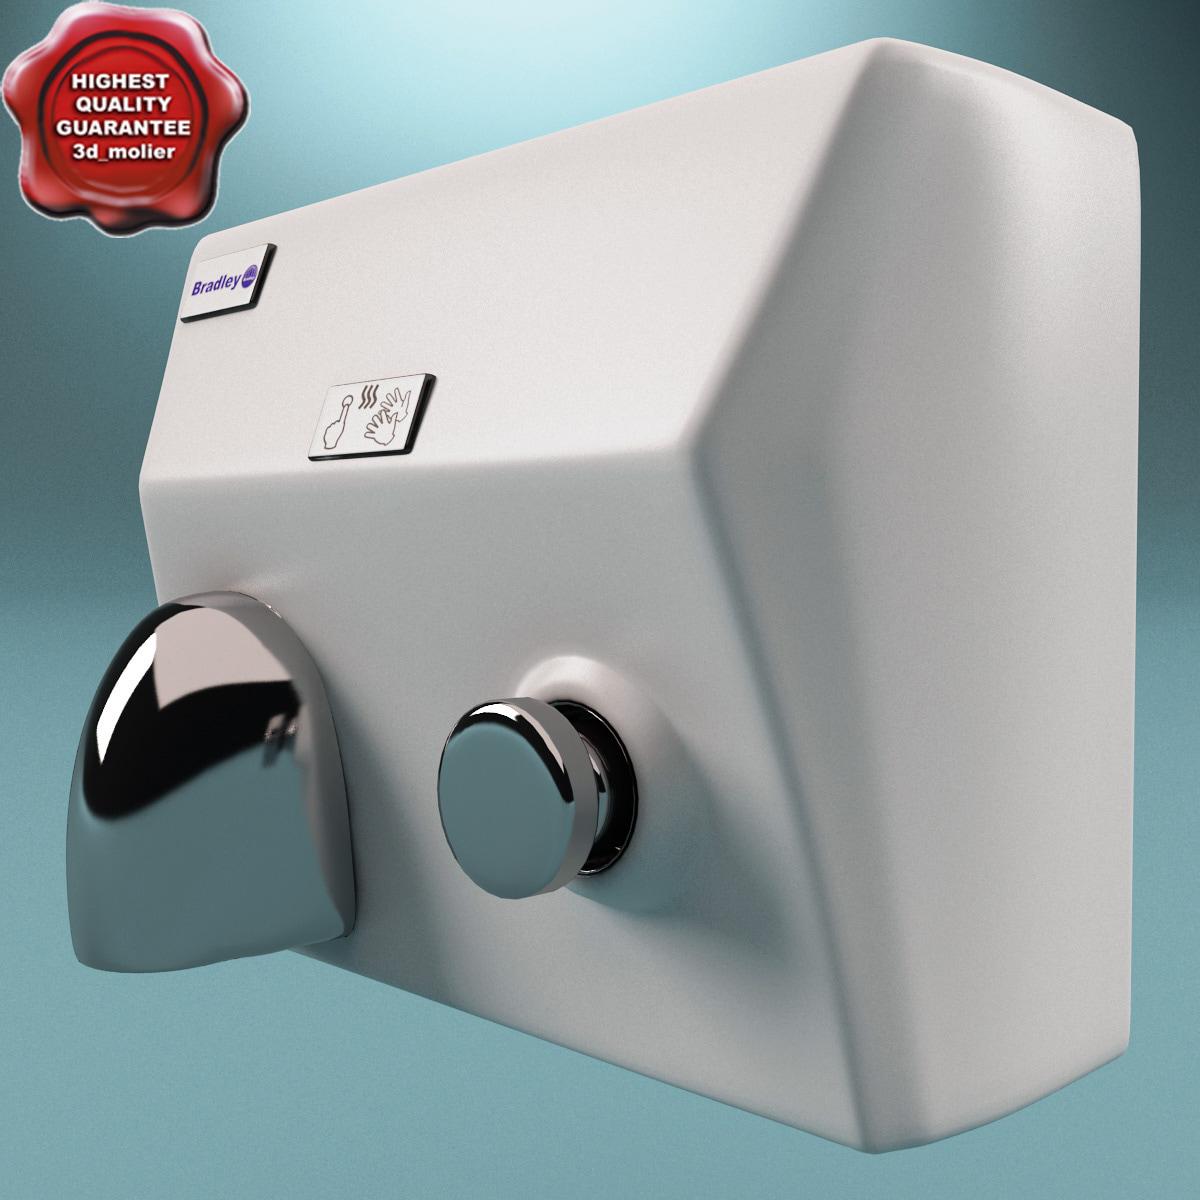 Hand_Dryer_Bradley_00.jpg